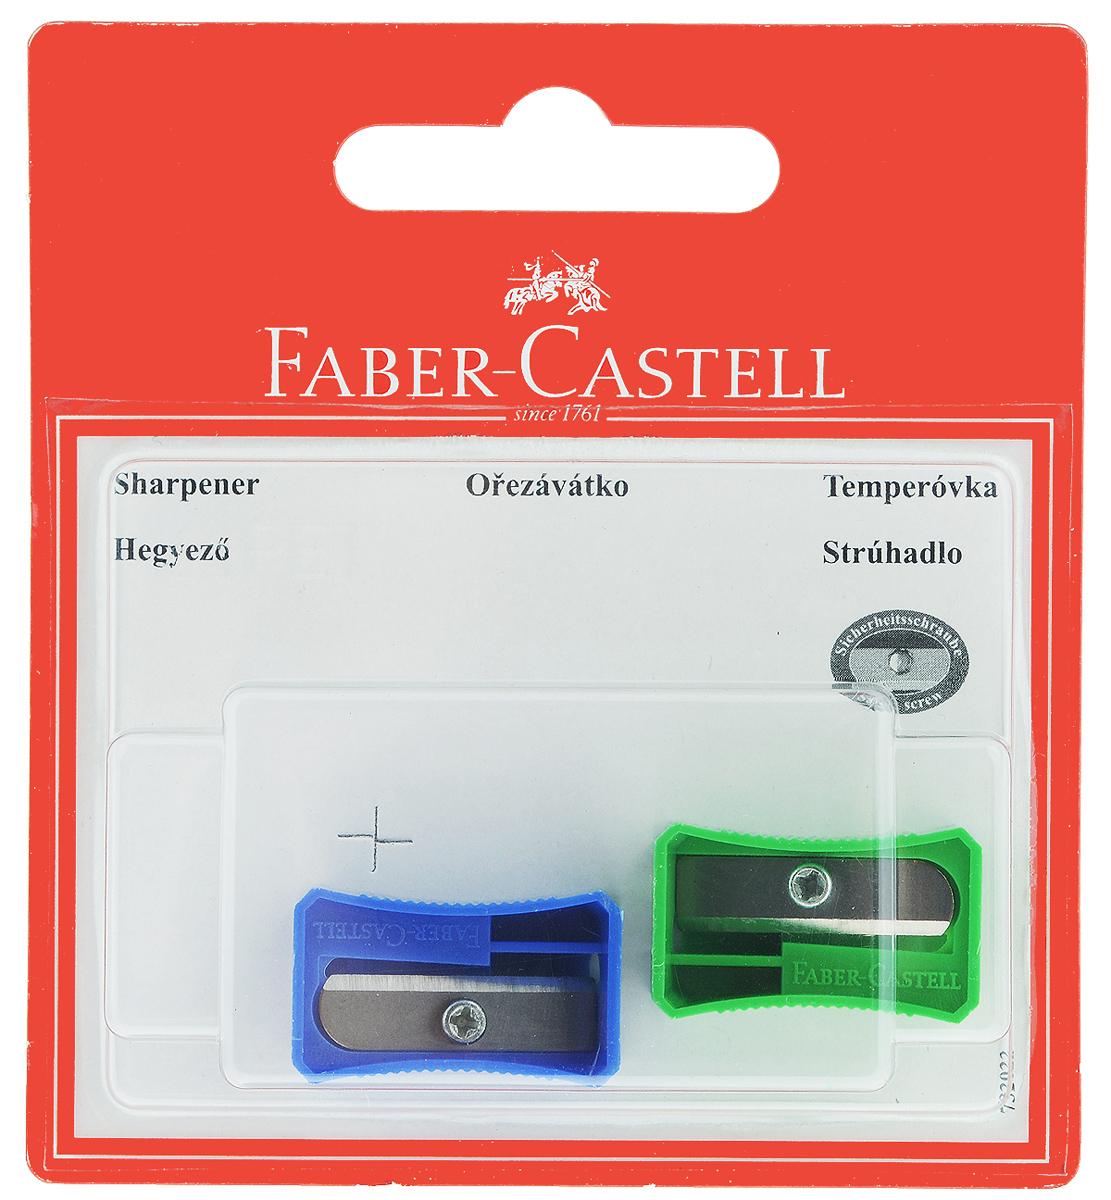 Faber-Castell Точилка цвет синий зеленый 2 шт263221_синий, зеленыйНабор точилок Faber-Castell предназначен для затачивания классических простых и цветных карандашей. В наборе две точилки из прочного пластика с рифленой областью захвата. Острые стальные лезвия обеспечивают высококачественную и точную заточку деревянных карандашей.